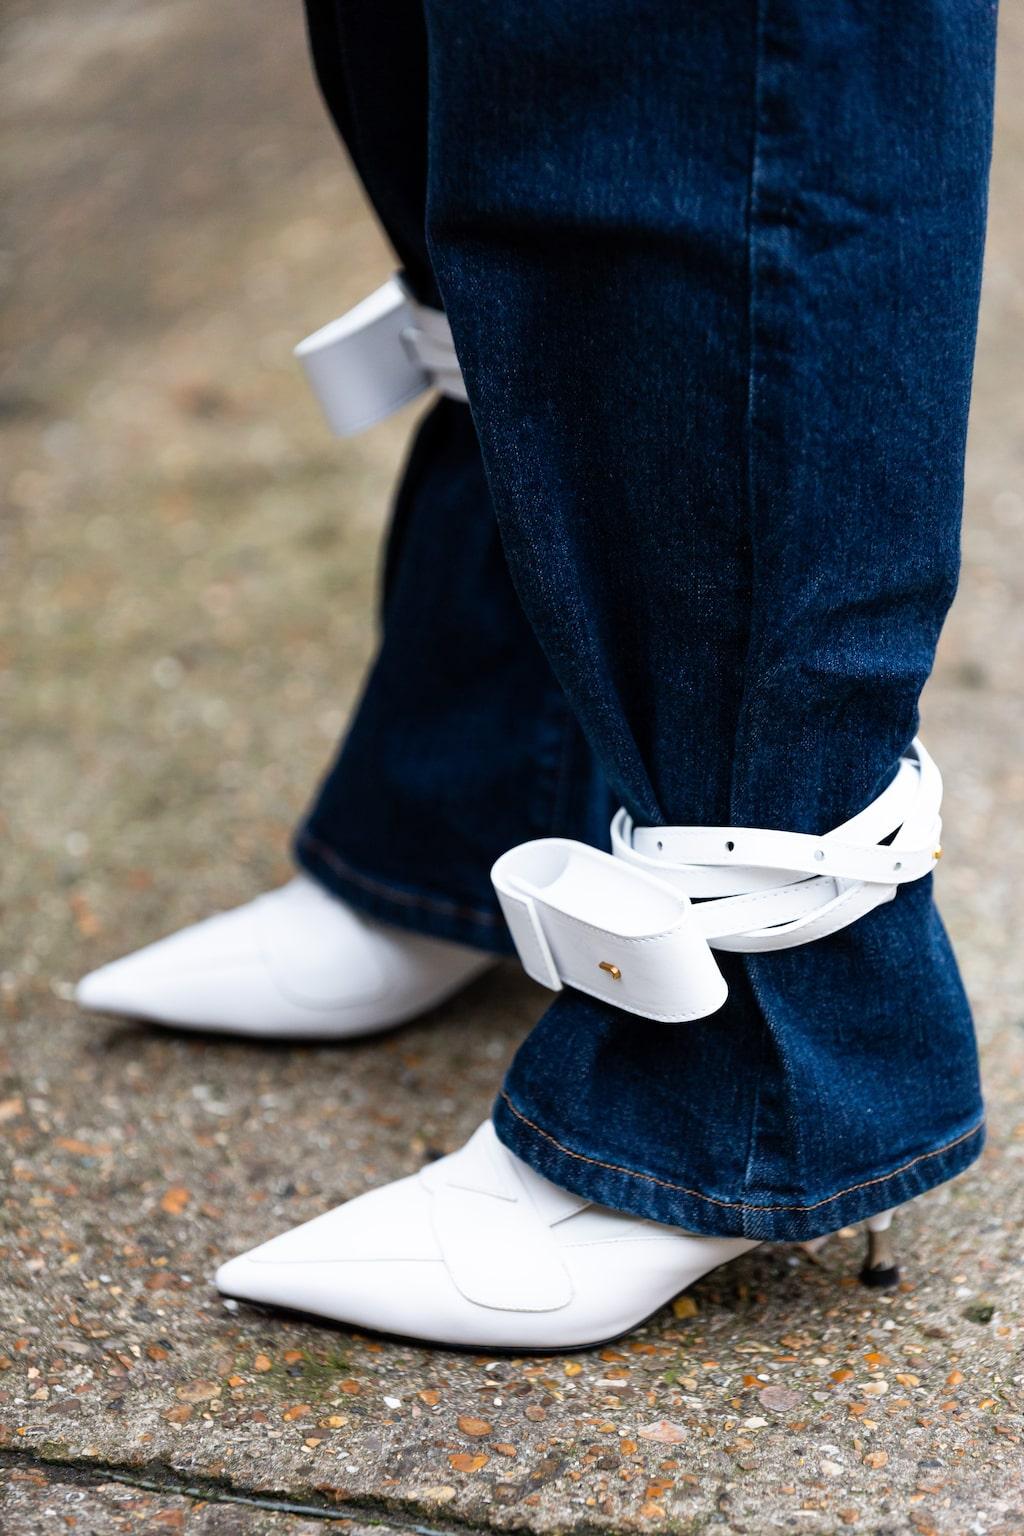 Hett stylingtips: vira en liten väska eller ett skärp runt vristen...